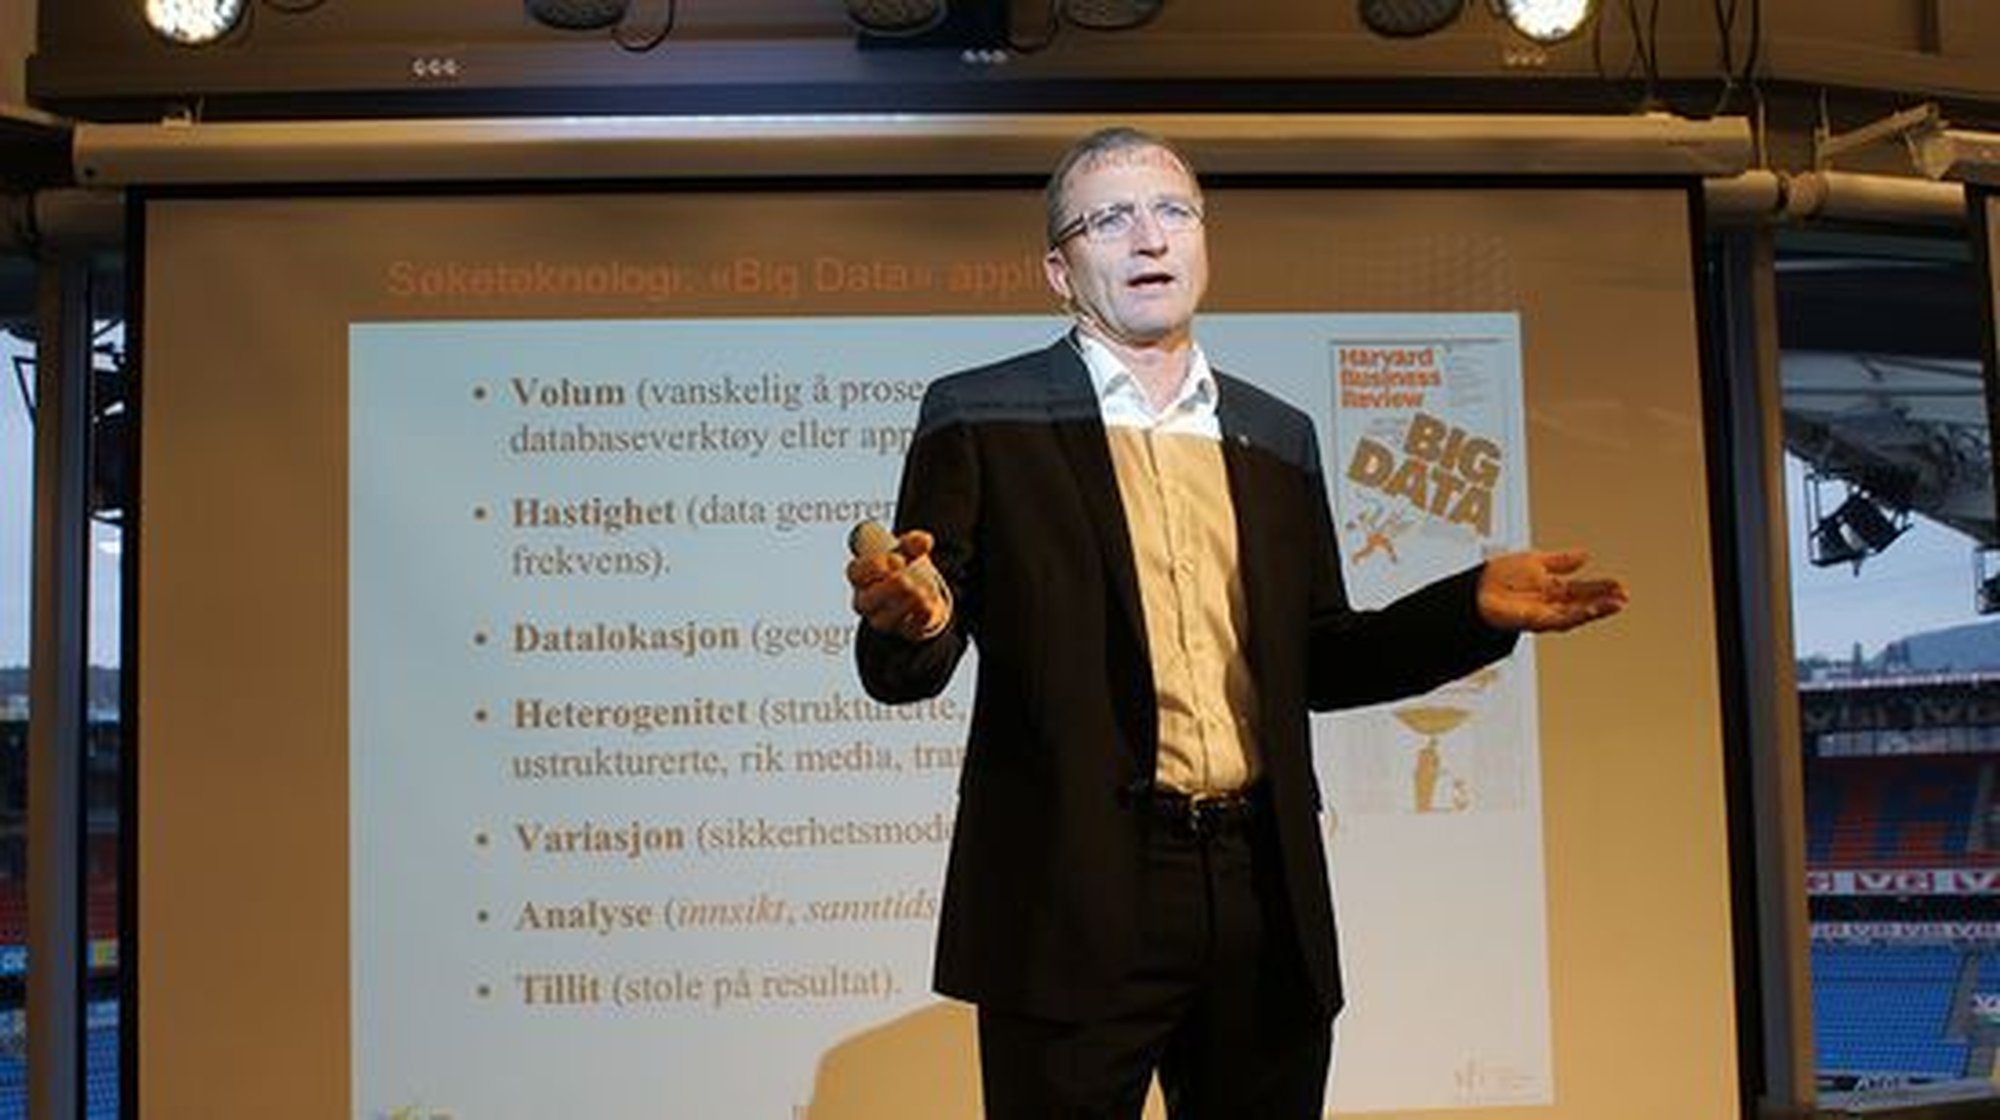 Big Data er fremtiden, sier Dag Johansen i iAD.